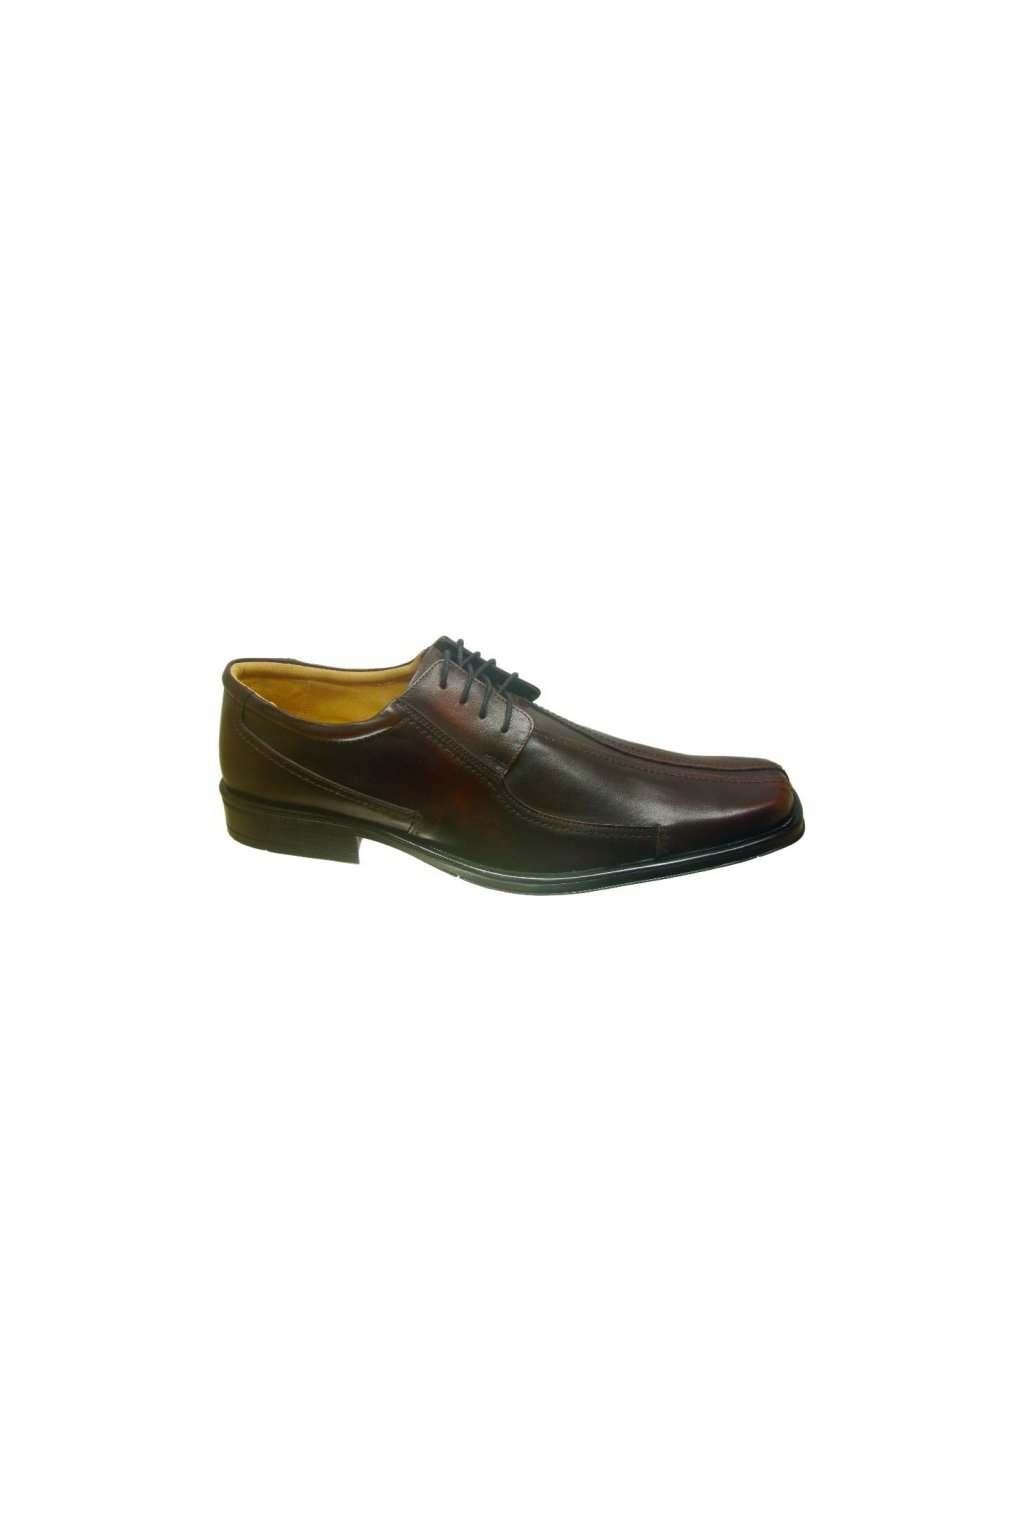 Nadměrná pánská obuv Kuda 524 hnědá